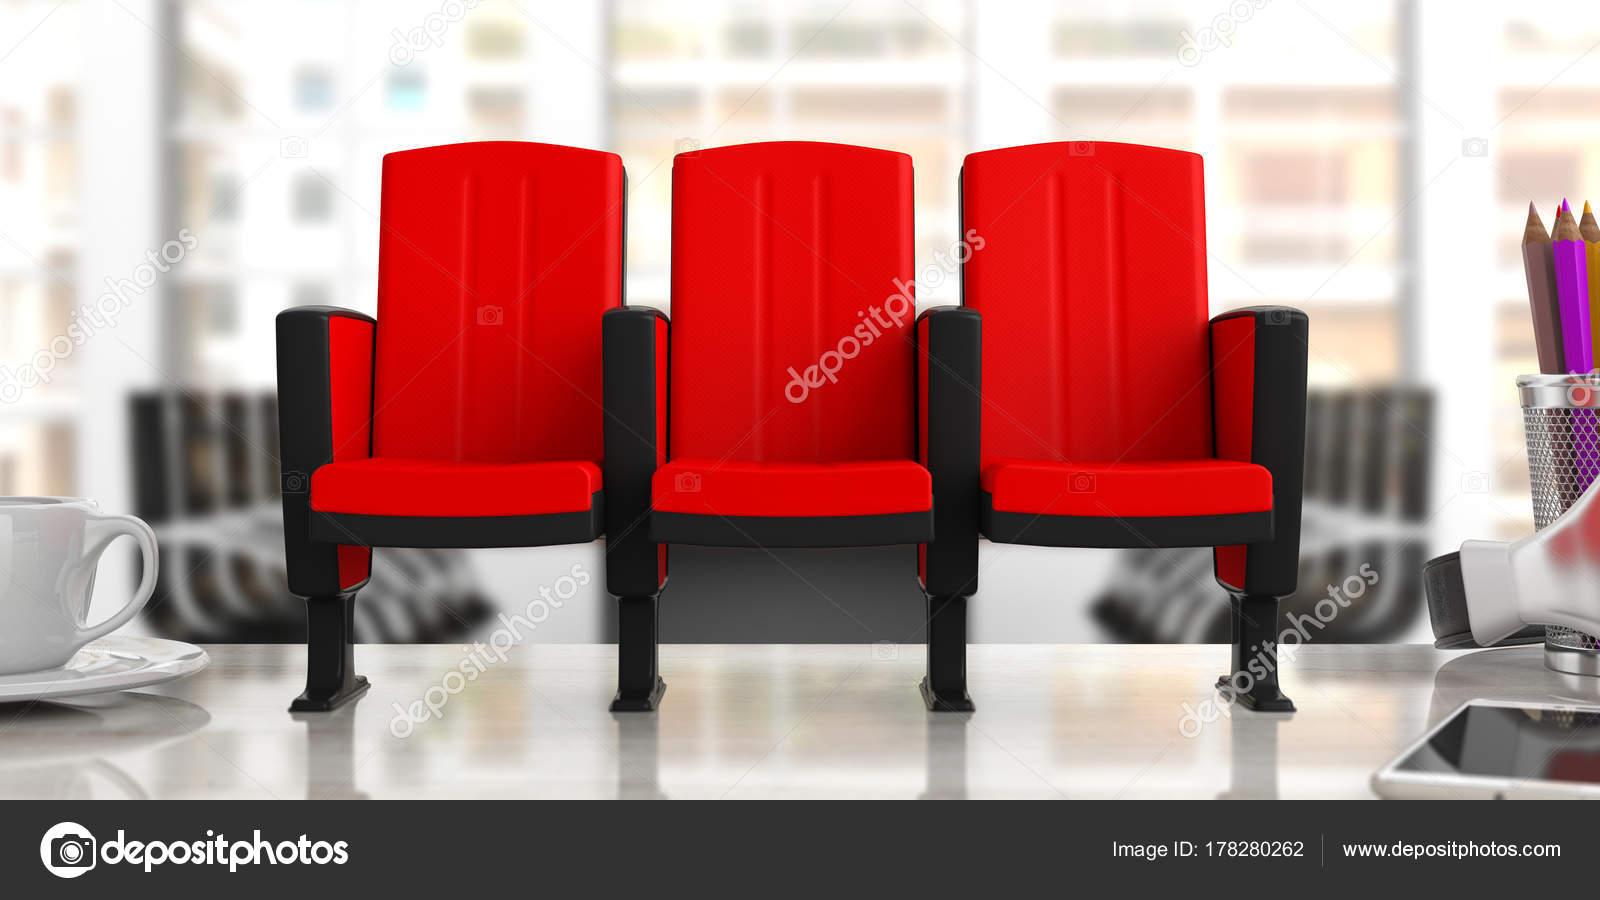 De Flou Sur Cinéma BureauVue Chaises Fond FaceIllustration 8wvOnmN0